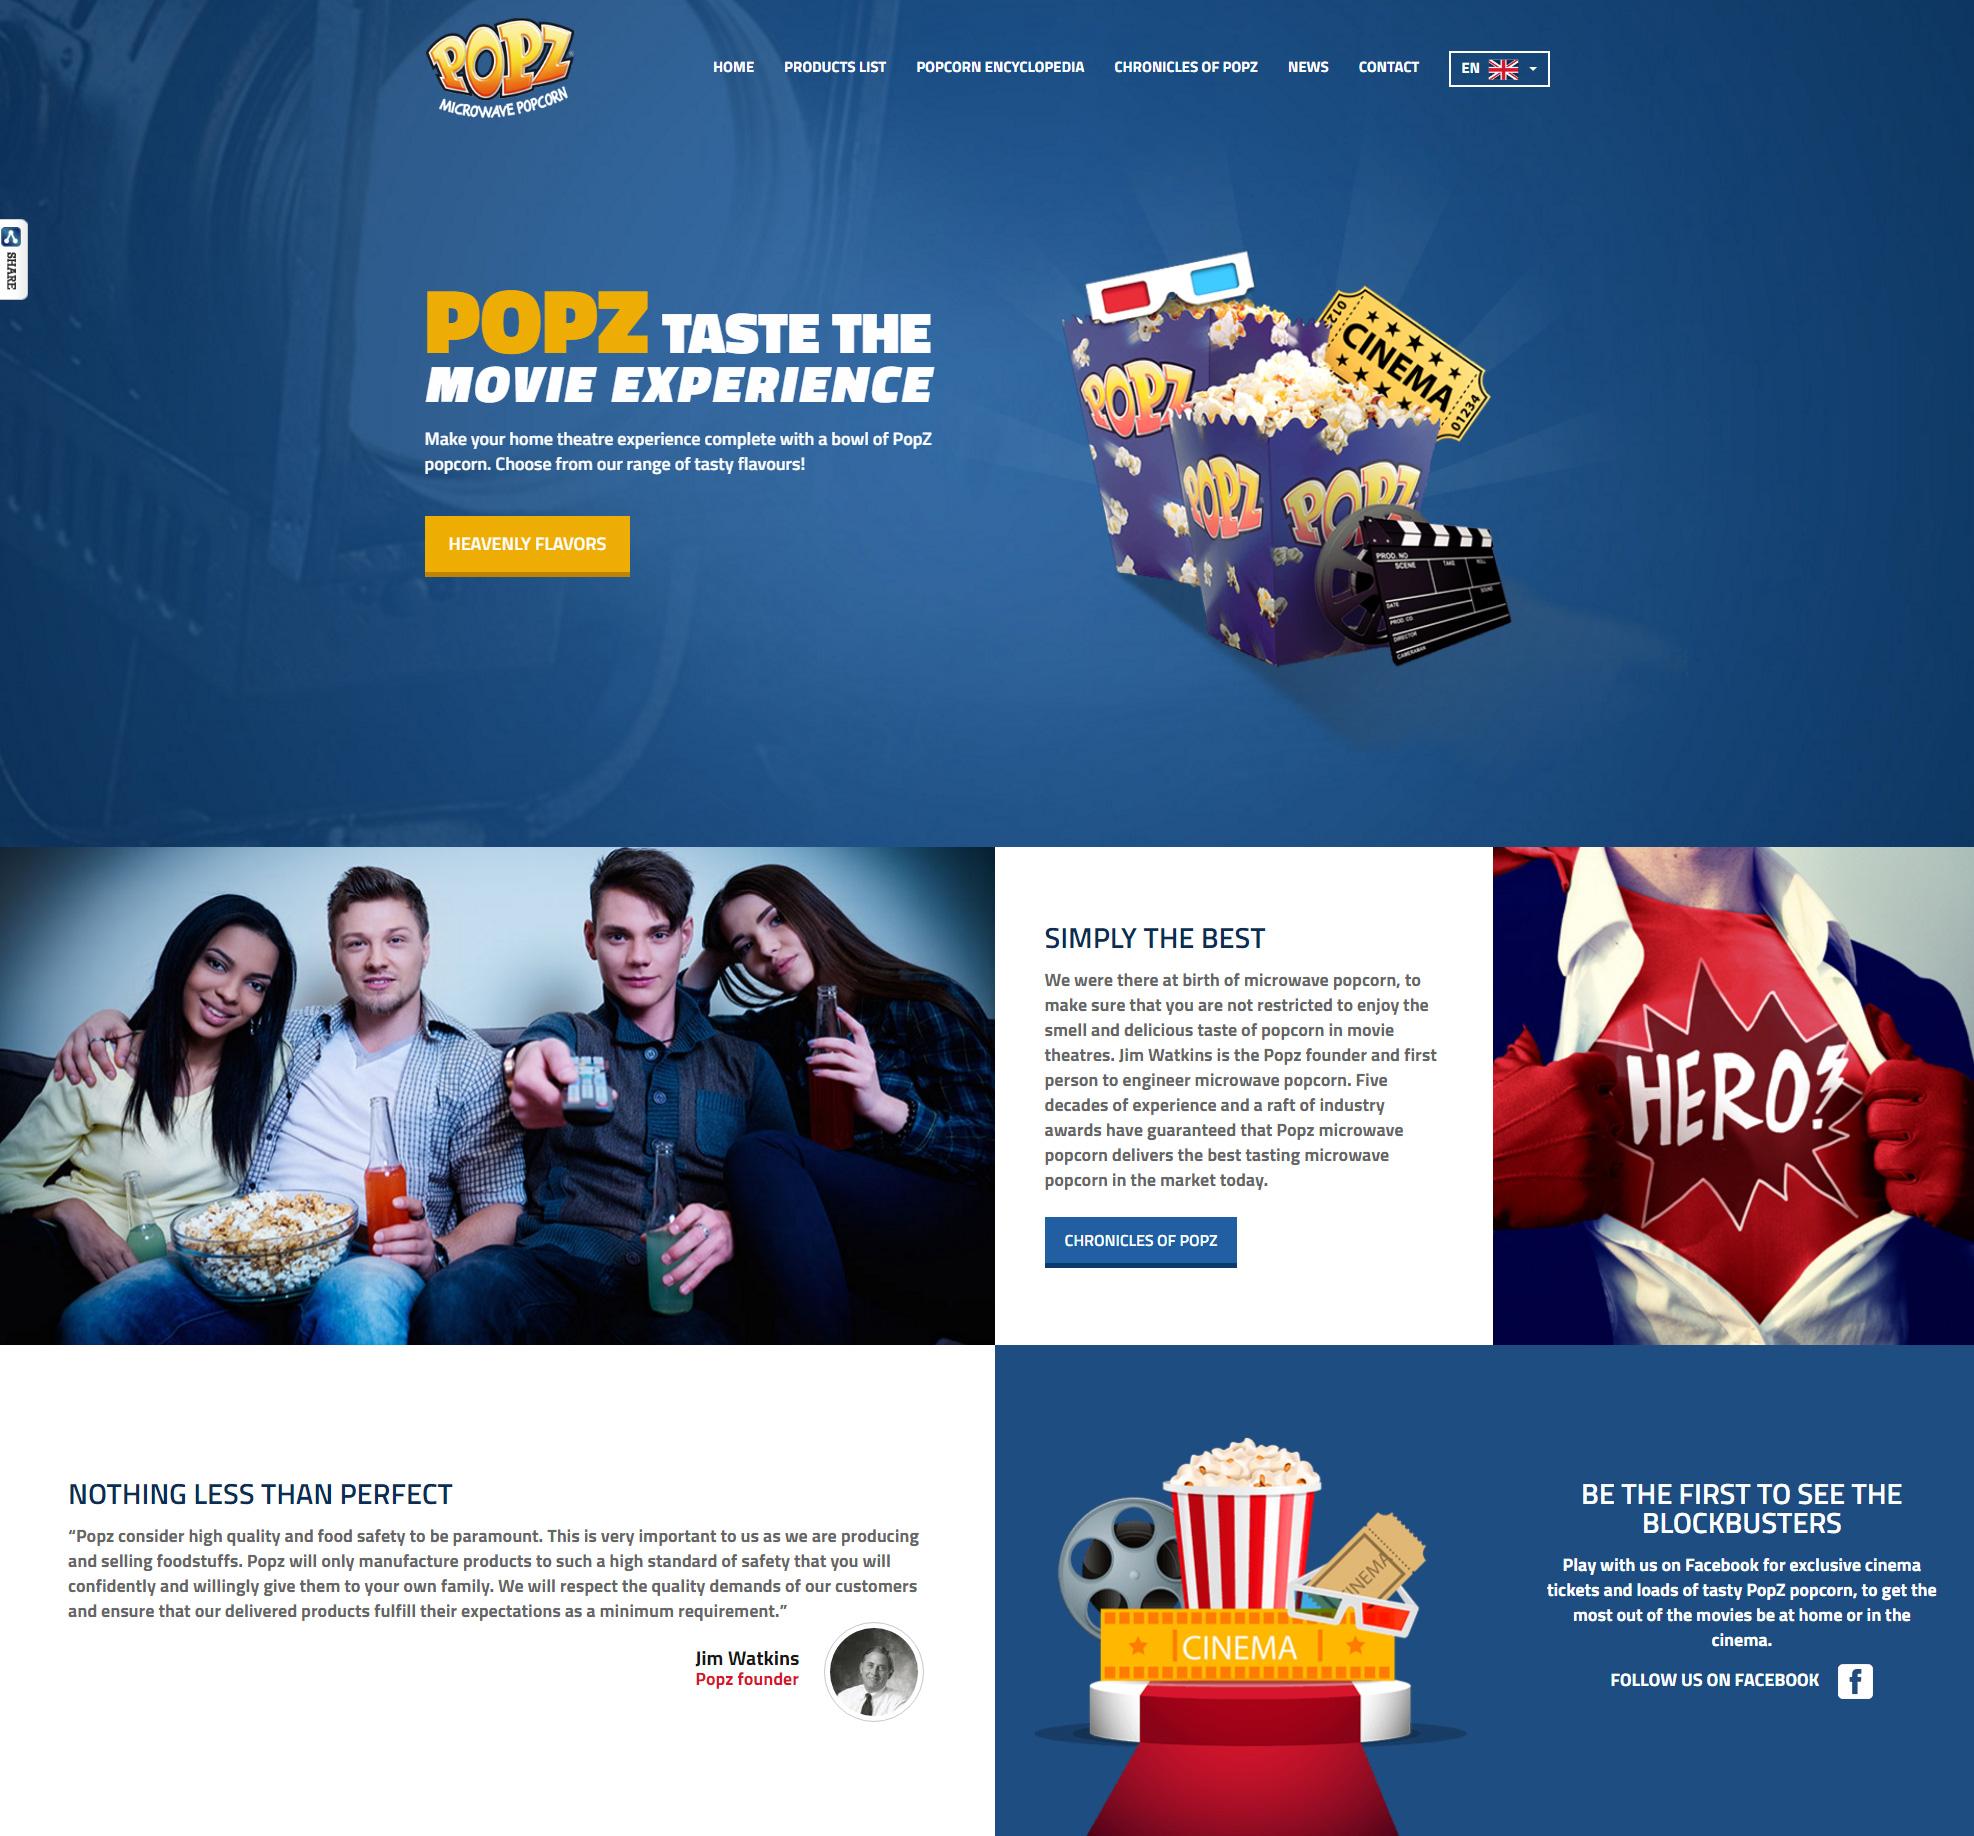 Η Popz εγκαινιάζει νέα ιστοσελίδα